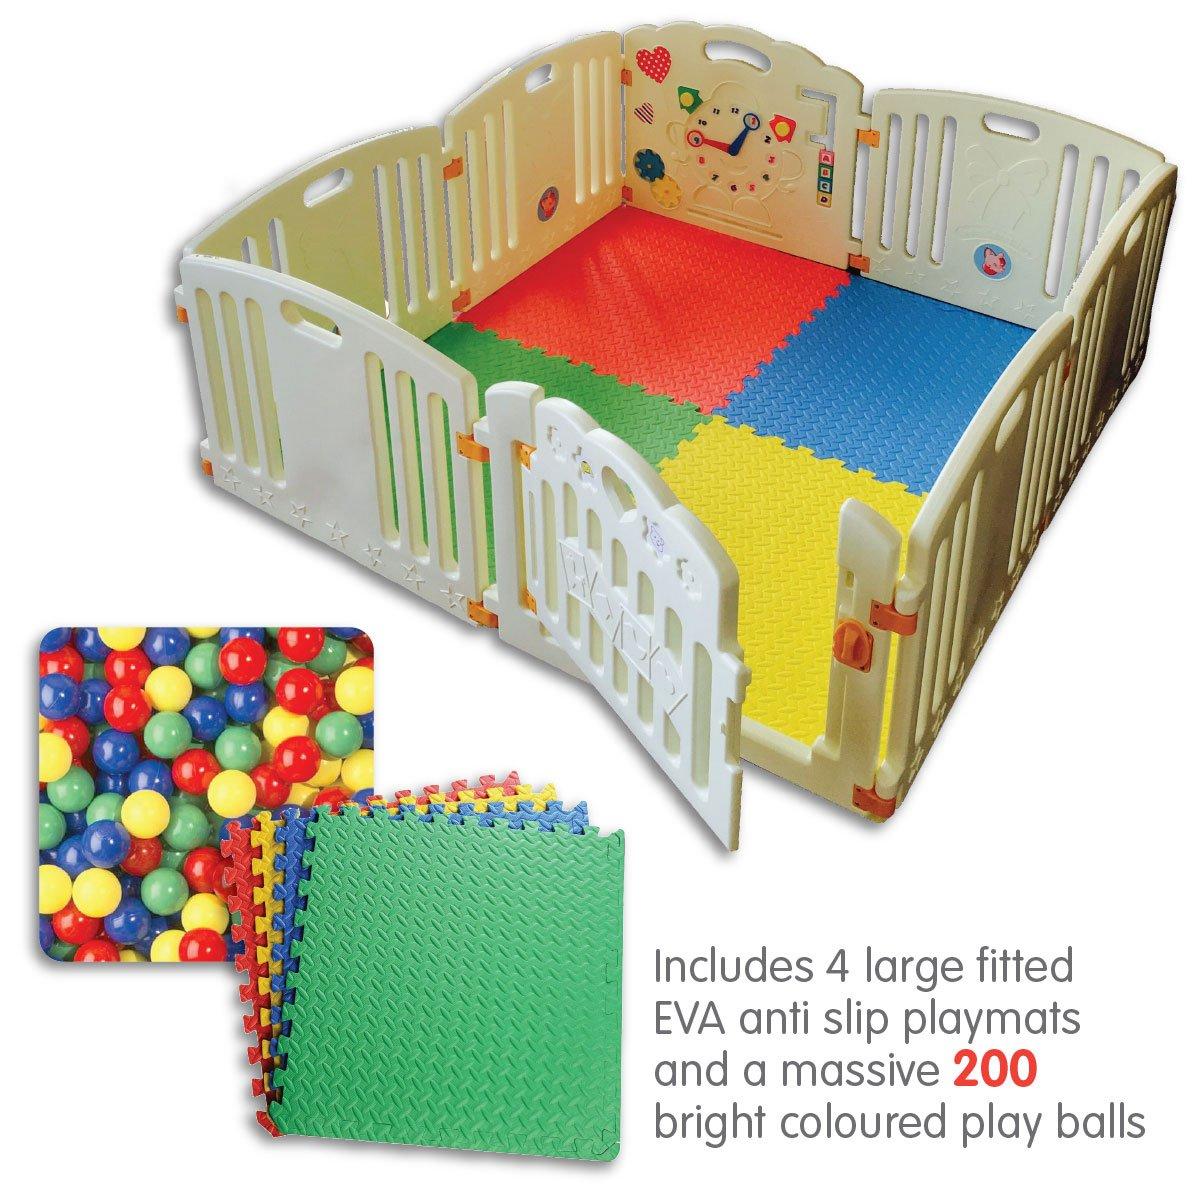 Venture All Stars Parco per bebè | 8unità XXL, tema: supereroi, Pannello per attività divertenti | Stuoie per pavimenti capaci e brillanti, fino a 200palle | Forte e duraturo–fatto in materiali non tossici